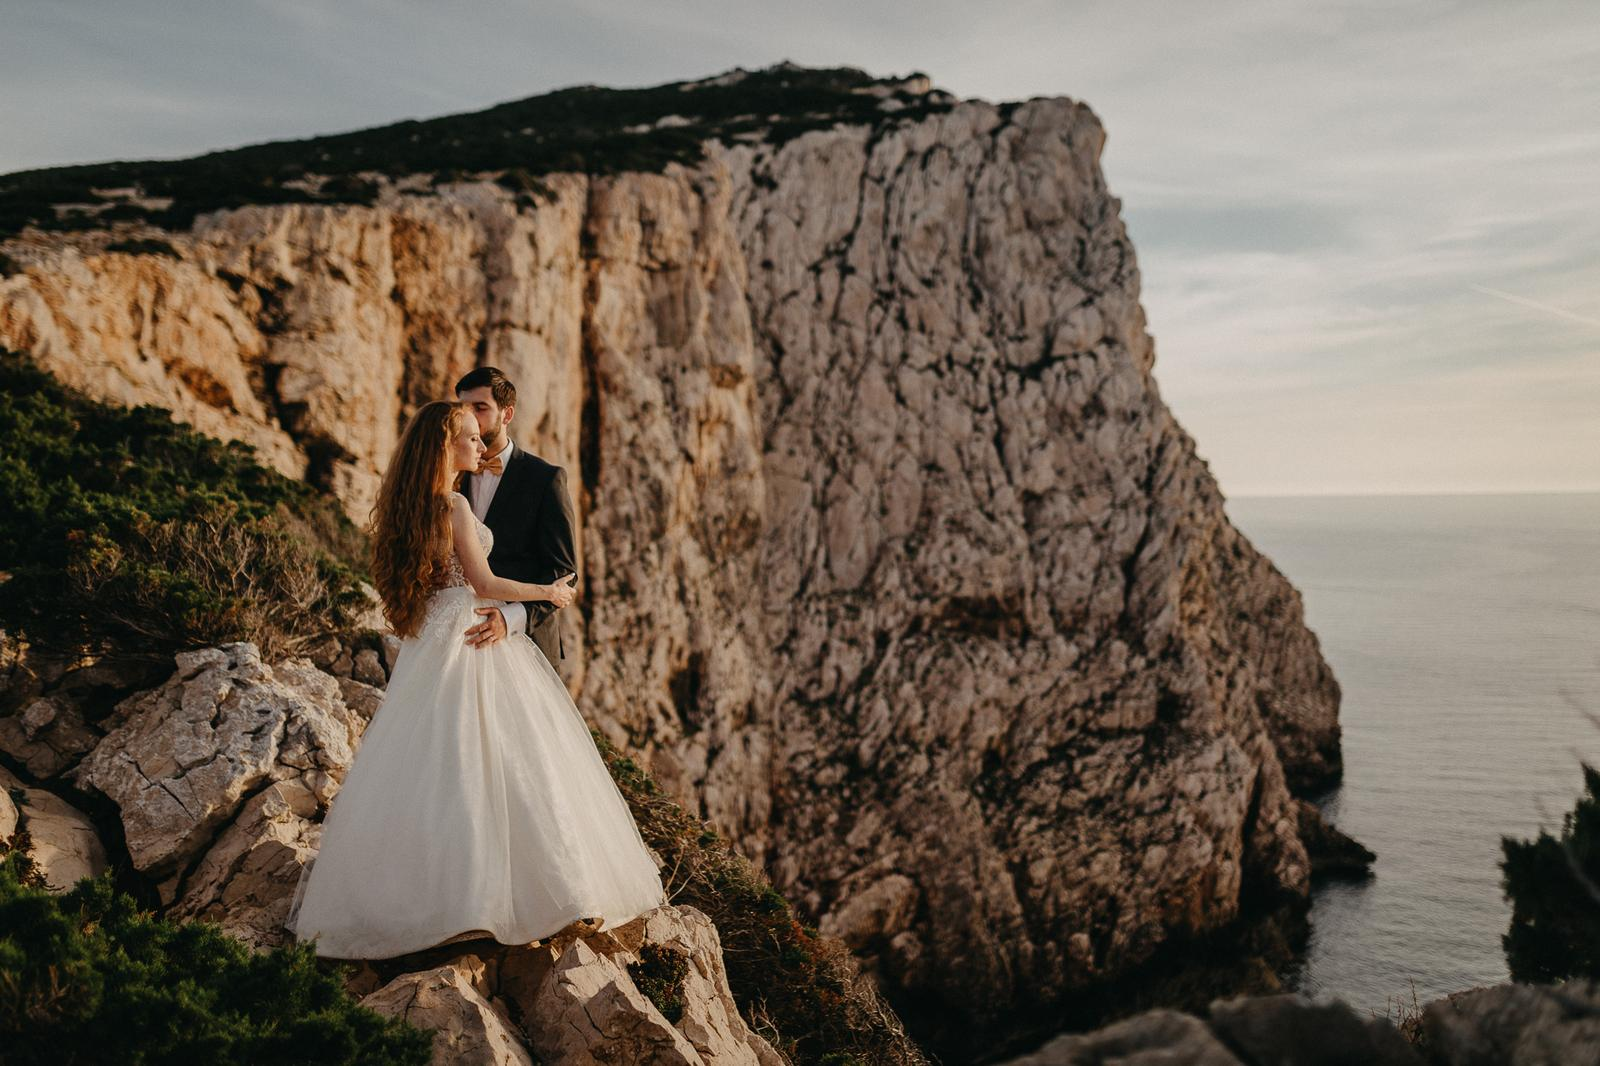 Naše svadobné fotenie na Sardínii - Obrázok č. 68